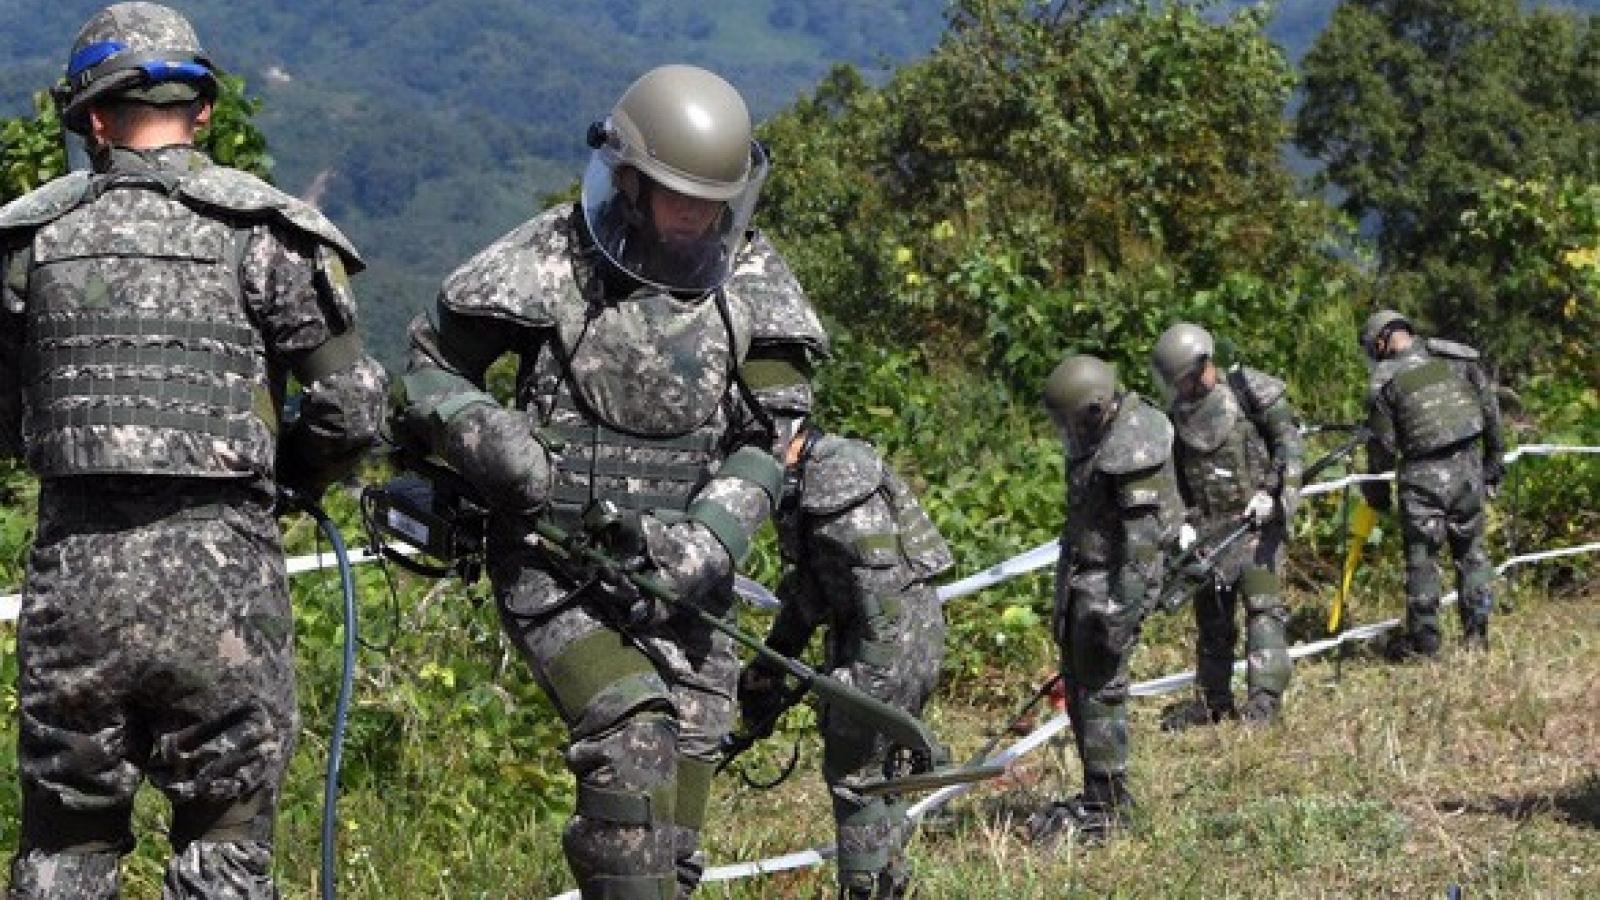 Ngoại trưởng Mỹ cho rằng loạt đạn của Triều Tiên có thể là vô tình